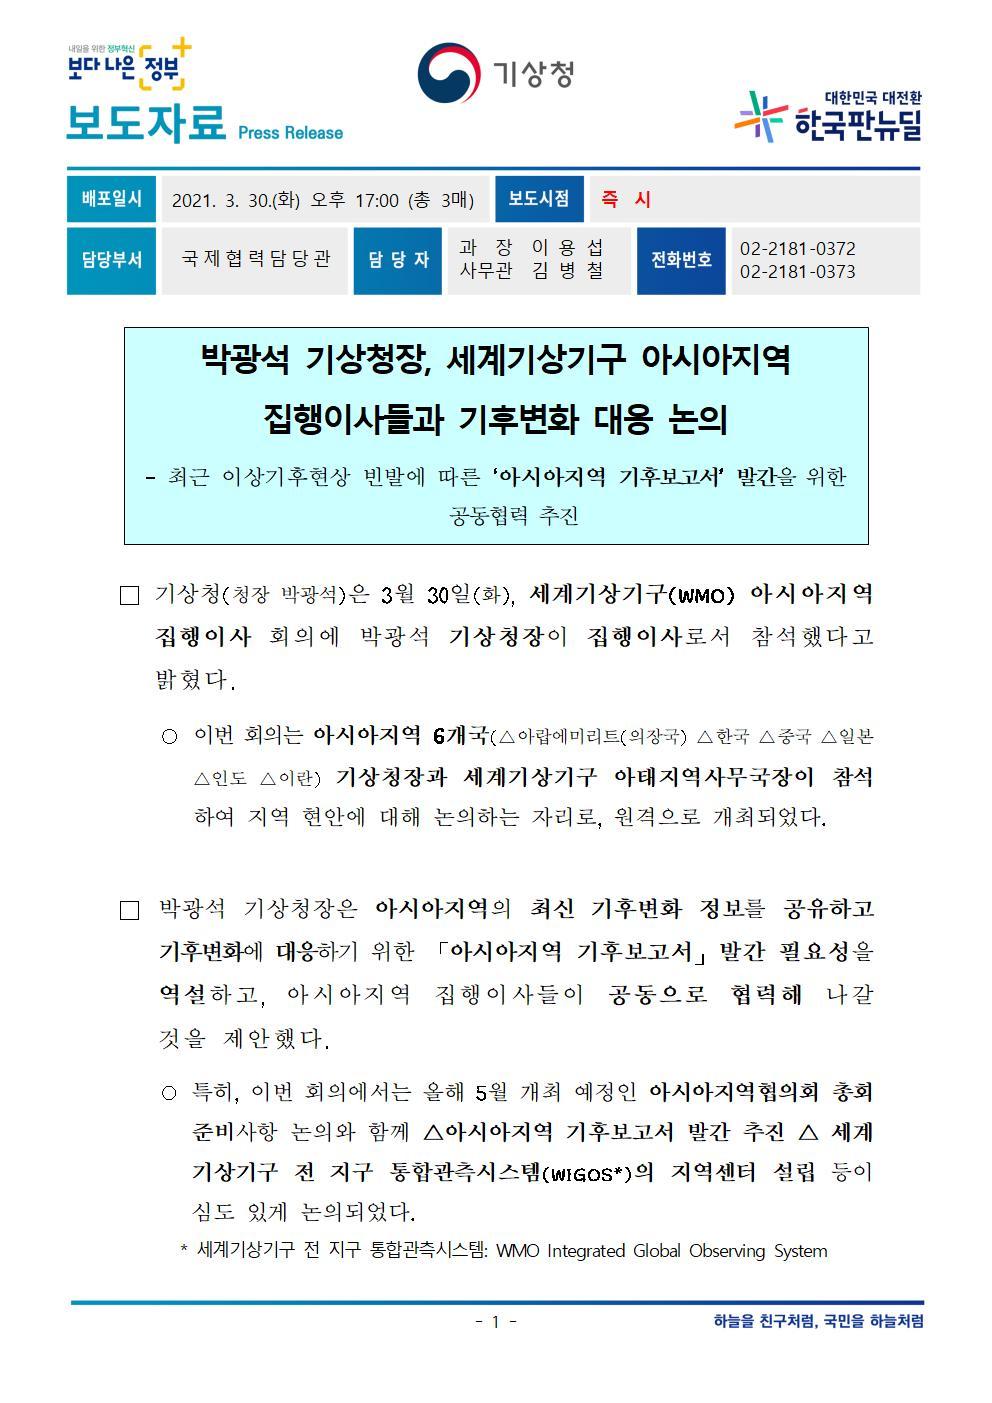 박광석 기상청장, 세계기상기구 아시아지역 집행이사들과 기후변화 대응 논의